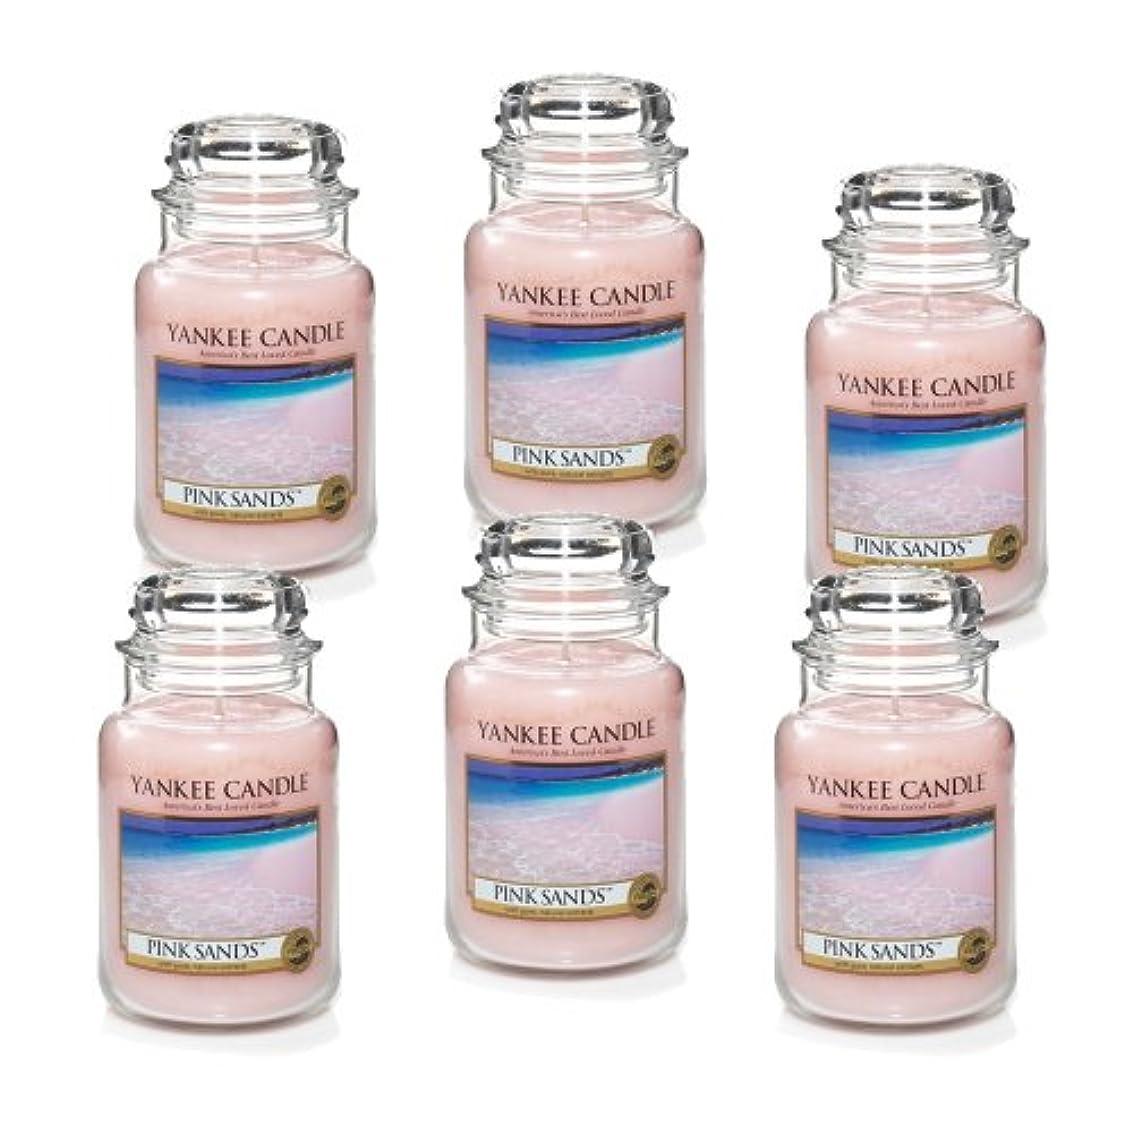 破産凝視復讐Yankee Candle ピンクサンズ 大瓶 22オンス キャンドル Set of 6 ピンク 1205337X6